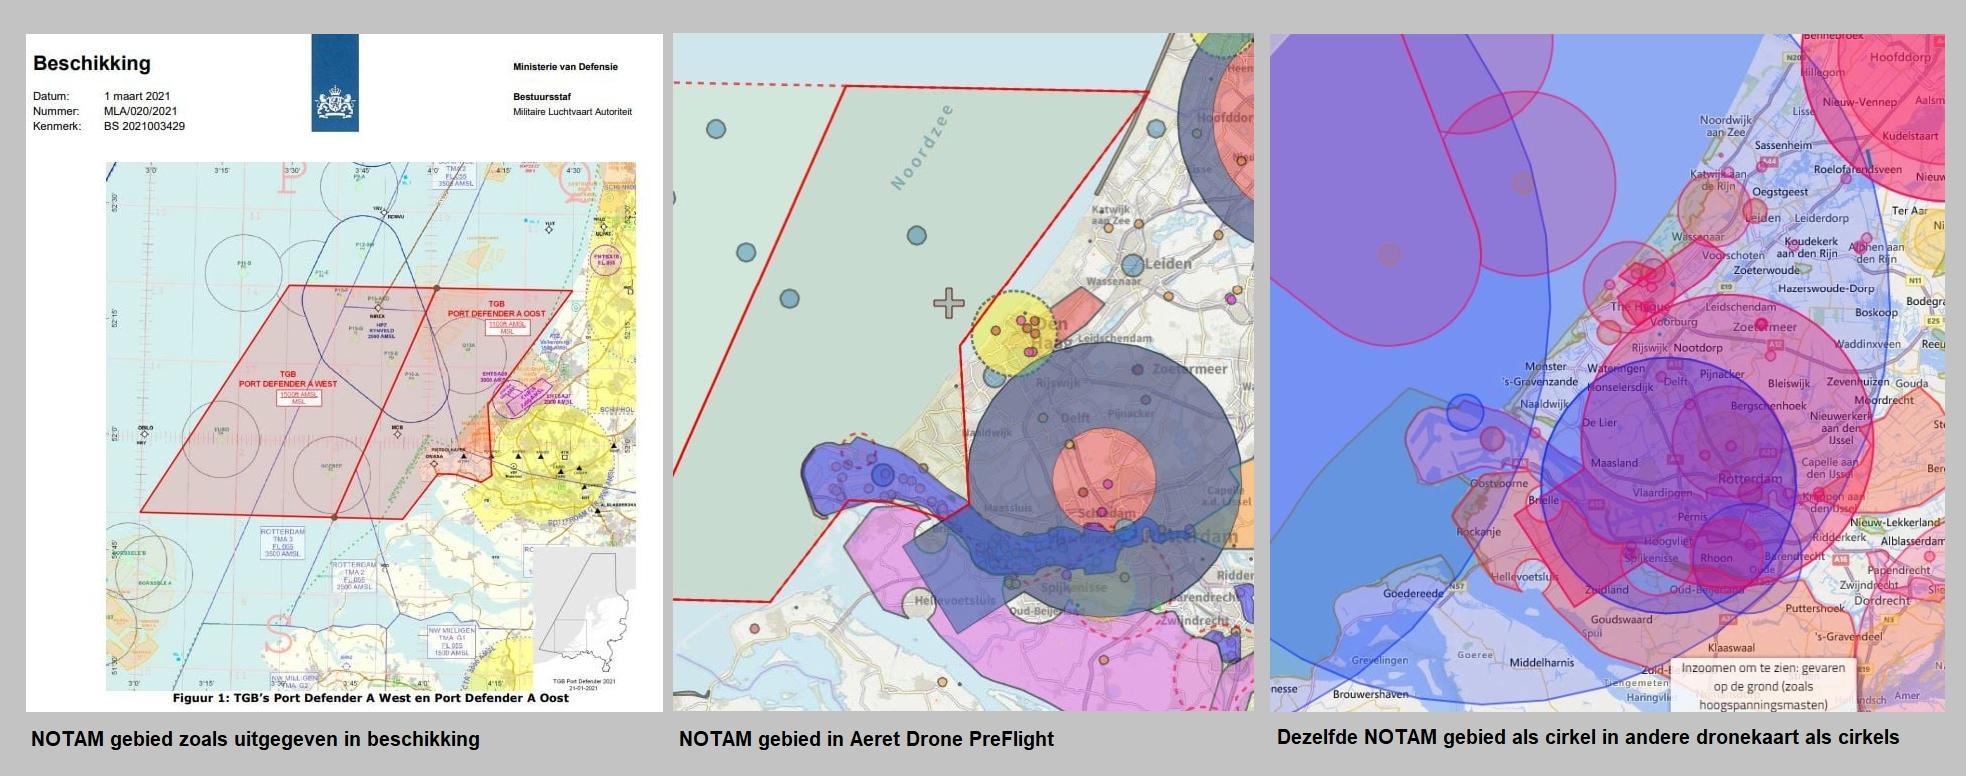 NOTAM gebied kaart aeret drone preflight kaart gis map